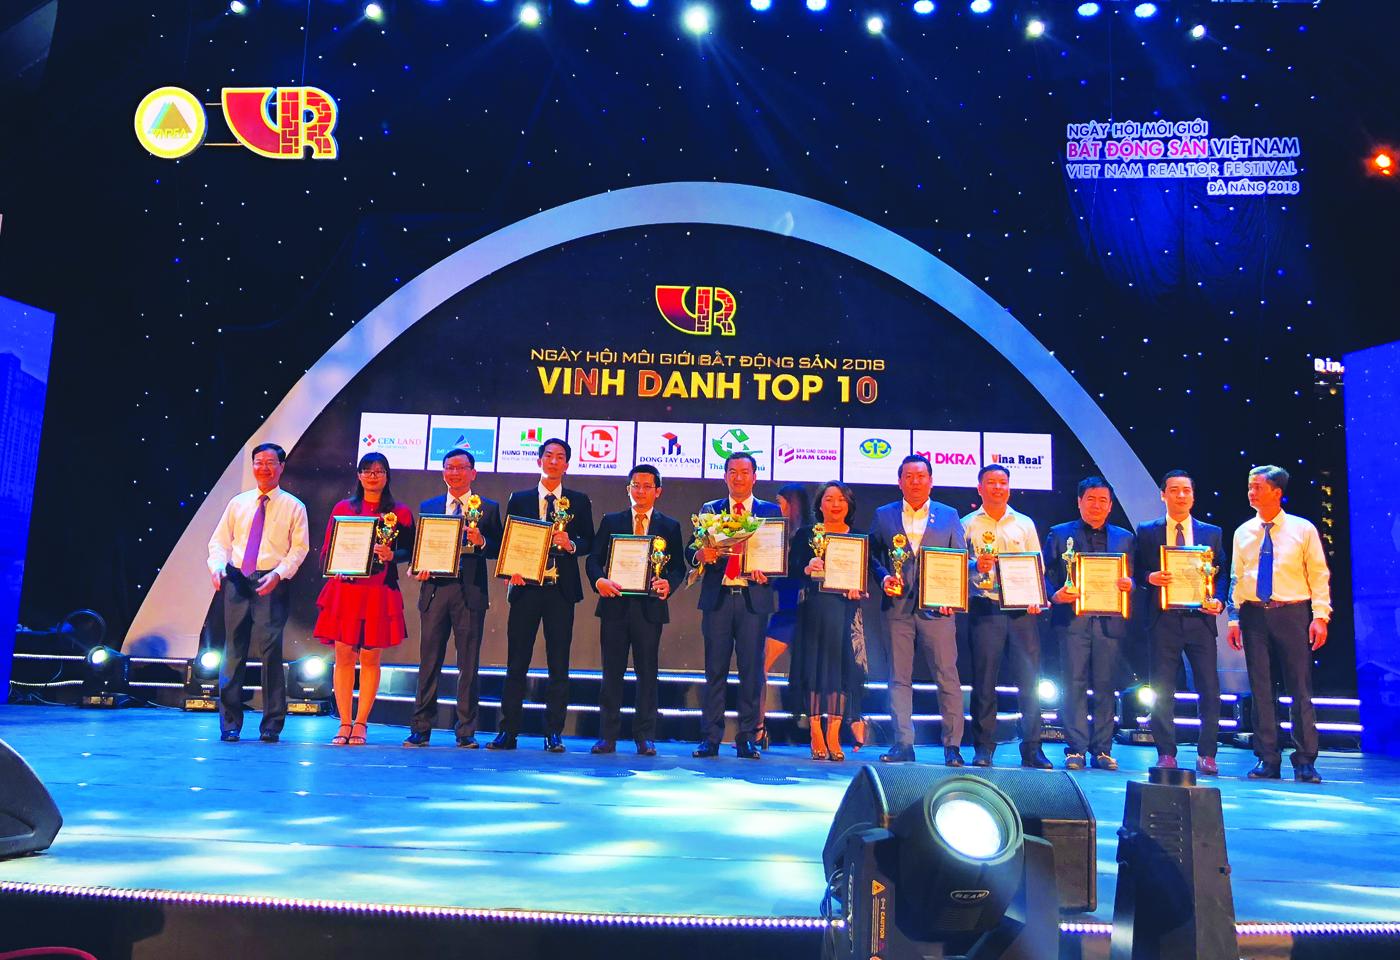 Top 10 sàn giao dịch Bất động sản xuất sắc nhất năm 2017